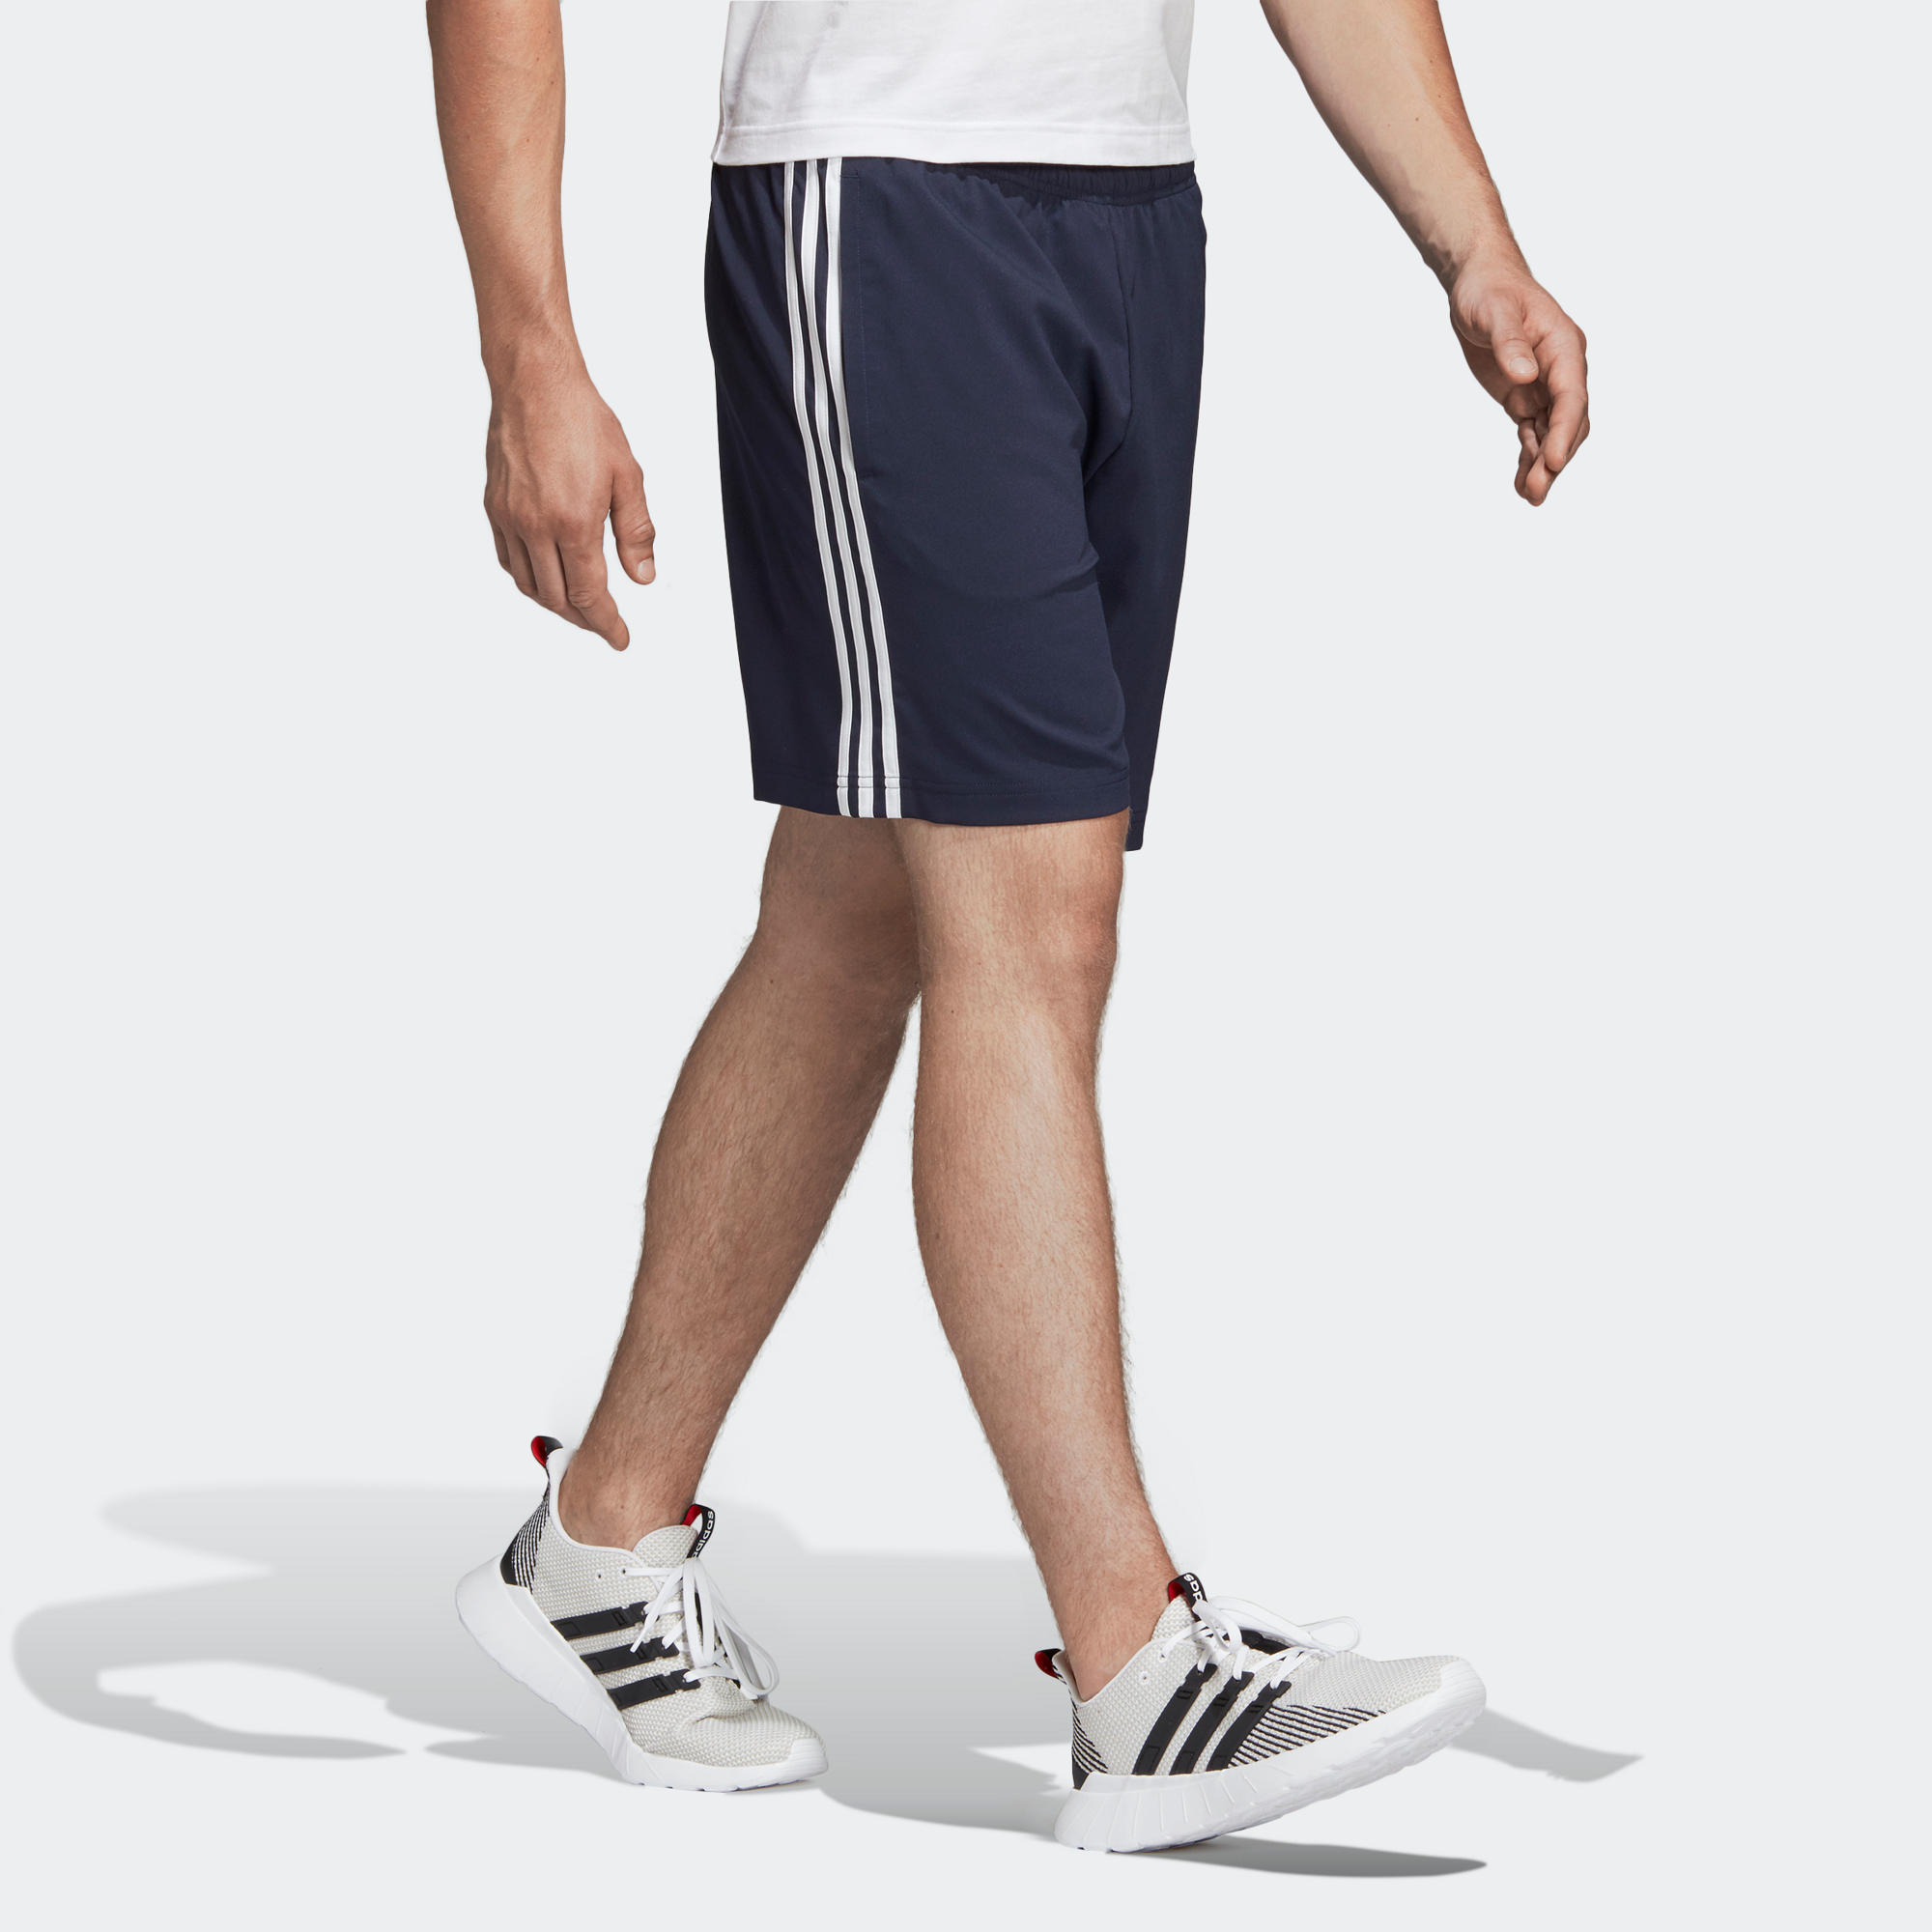 Şort Adidas Bleumarin